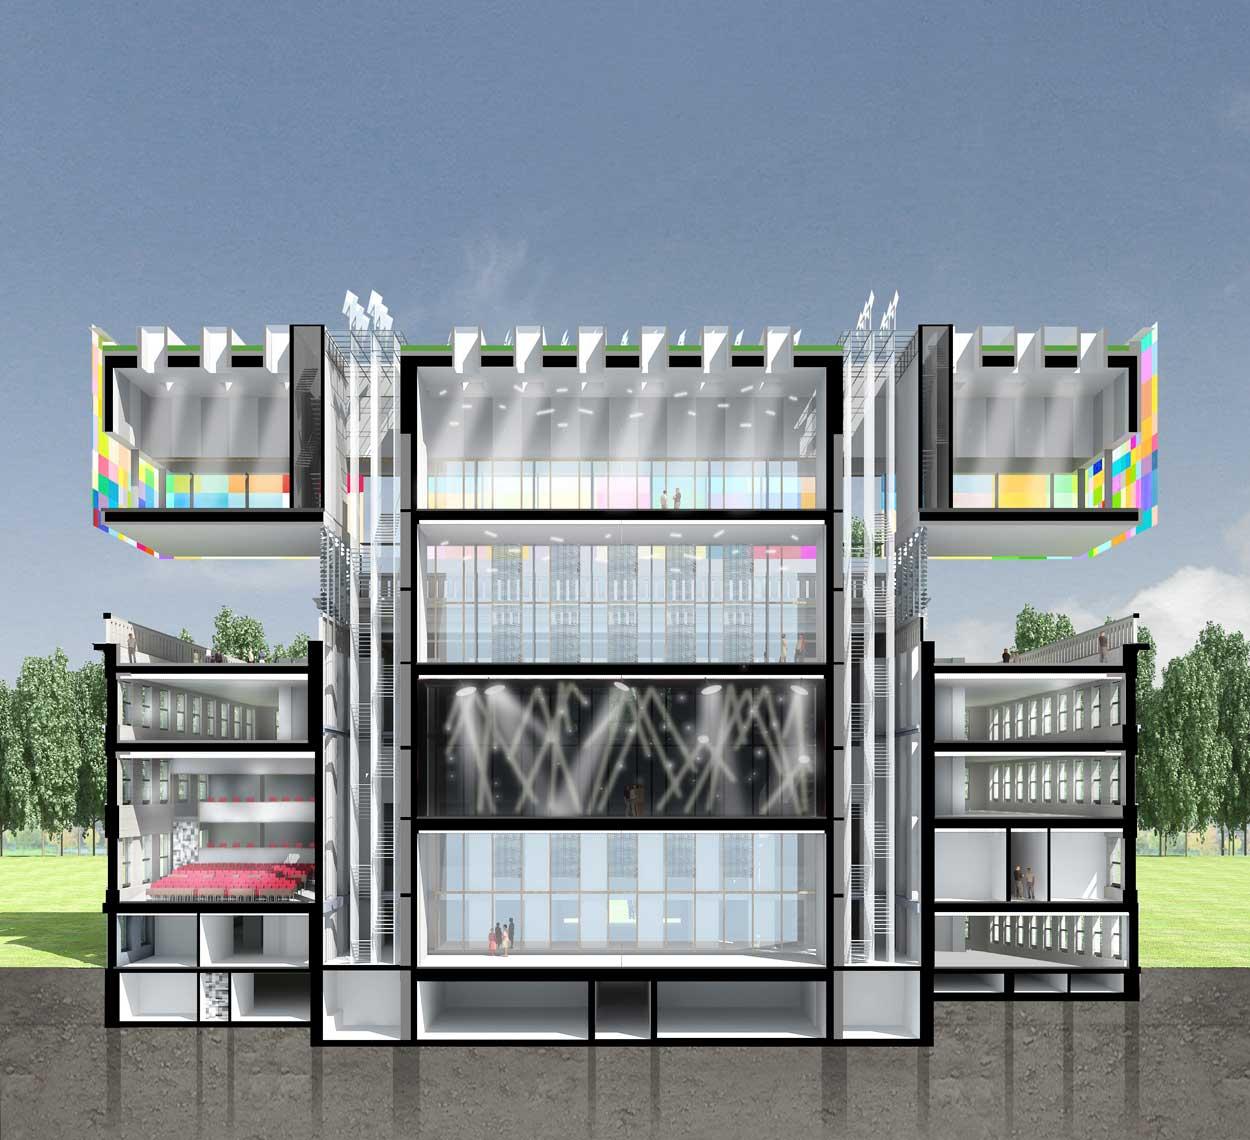 bureau michel forgue pavillon proyecta arquitectura delphine boucharel bureau michel forgue. Black Bedroom Furniture Sets. Home Design Ideas